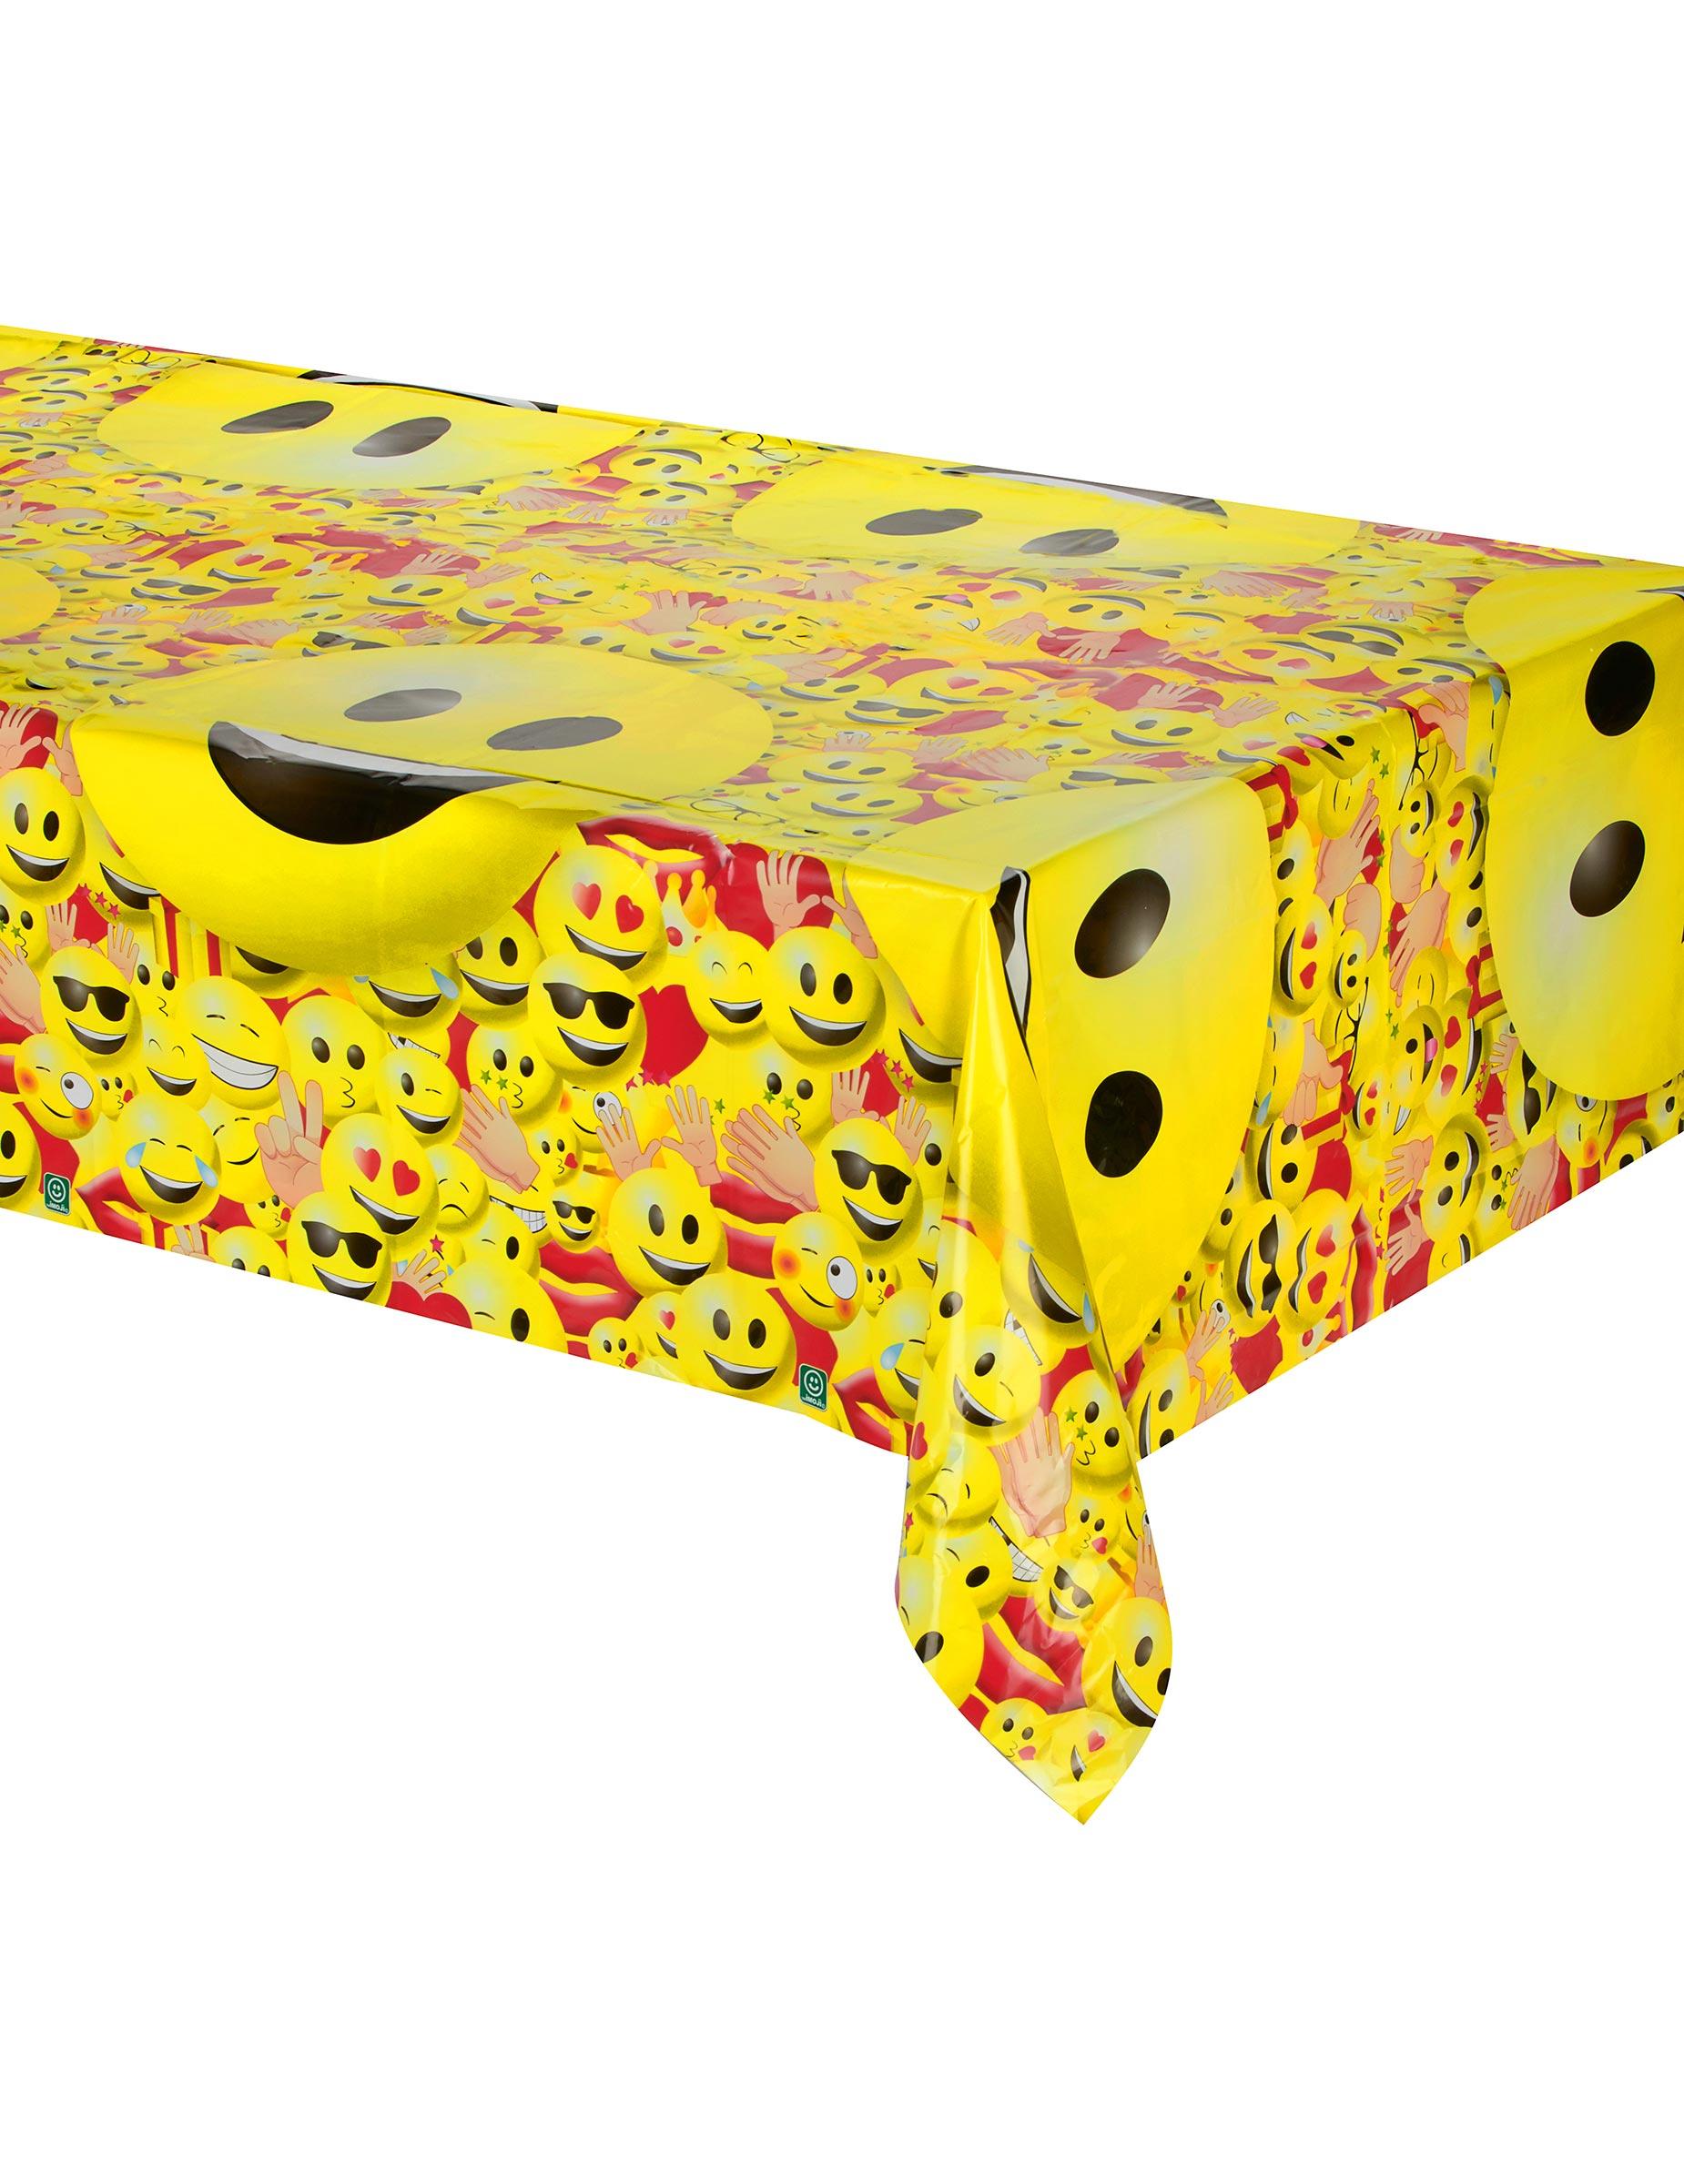 nappe en plastique imoji 180 x 150 cm d coration anniversaire et f tes th me sur vegaoo party. Black Bedroom Furniture Sets. Home Design Ideas